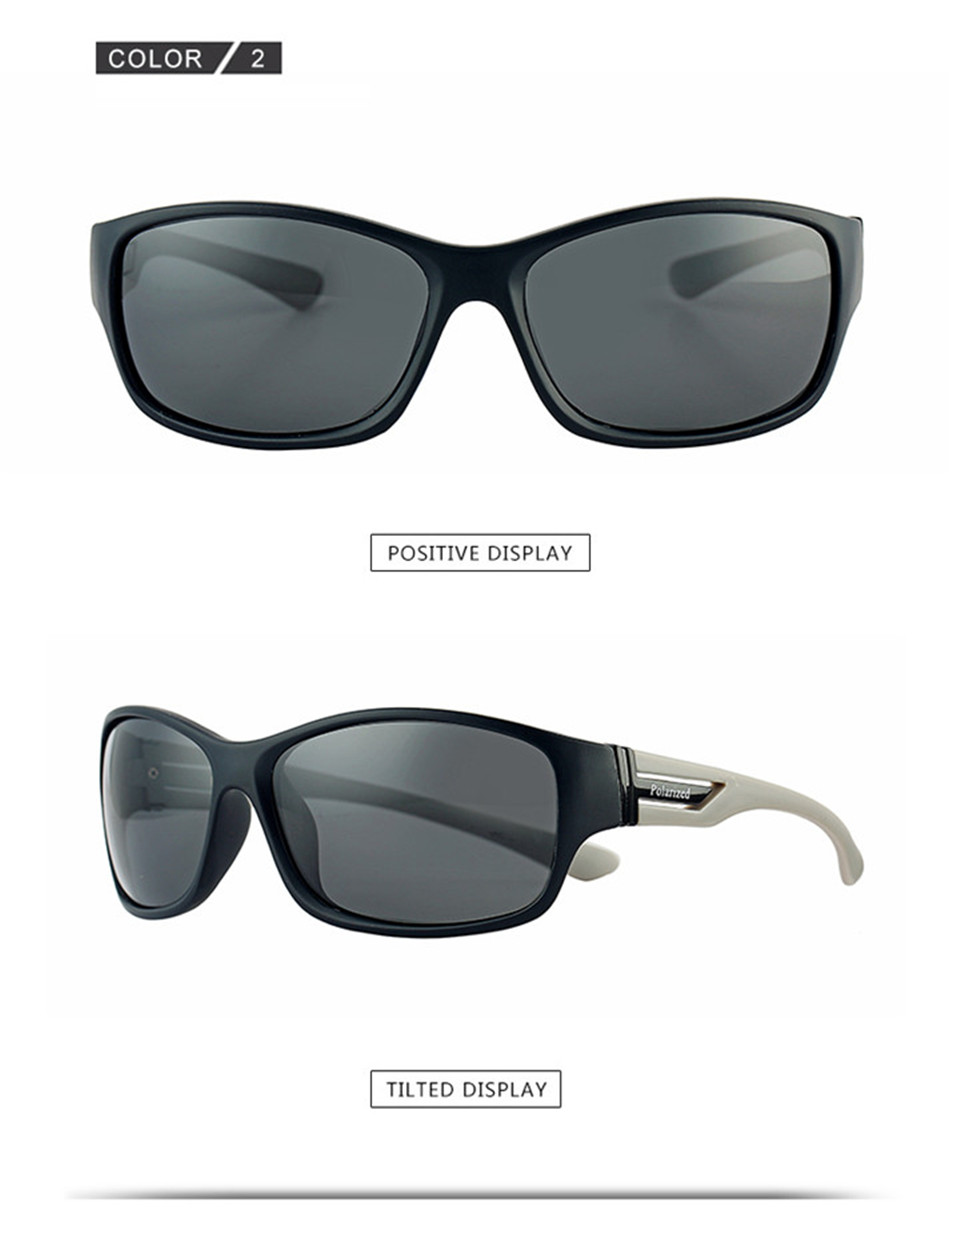 RILIXES 2018 Fashion Guy\'s Sun Glasses From Kdeam Polarized Sunglasses Men Classic Design All-Fit Mirror Sunglass (8)